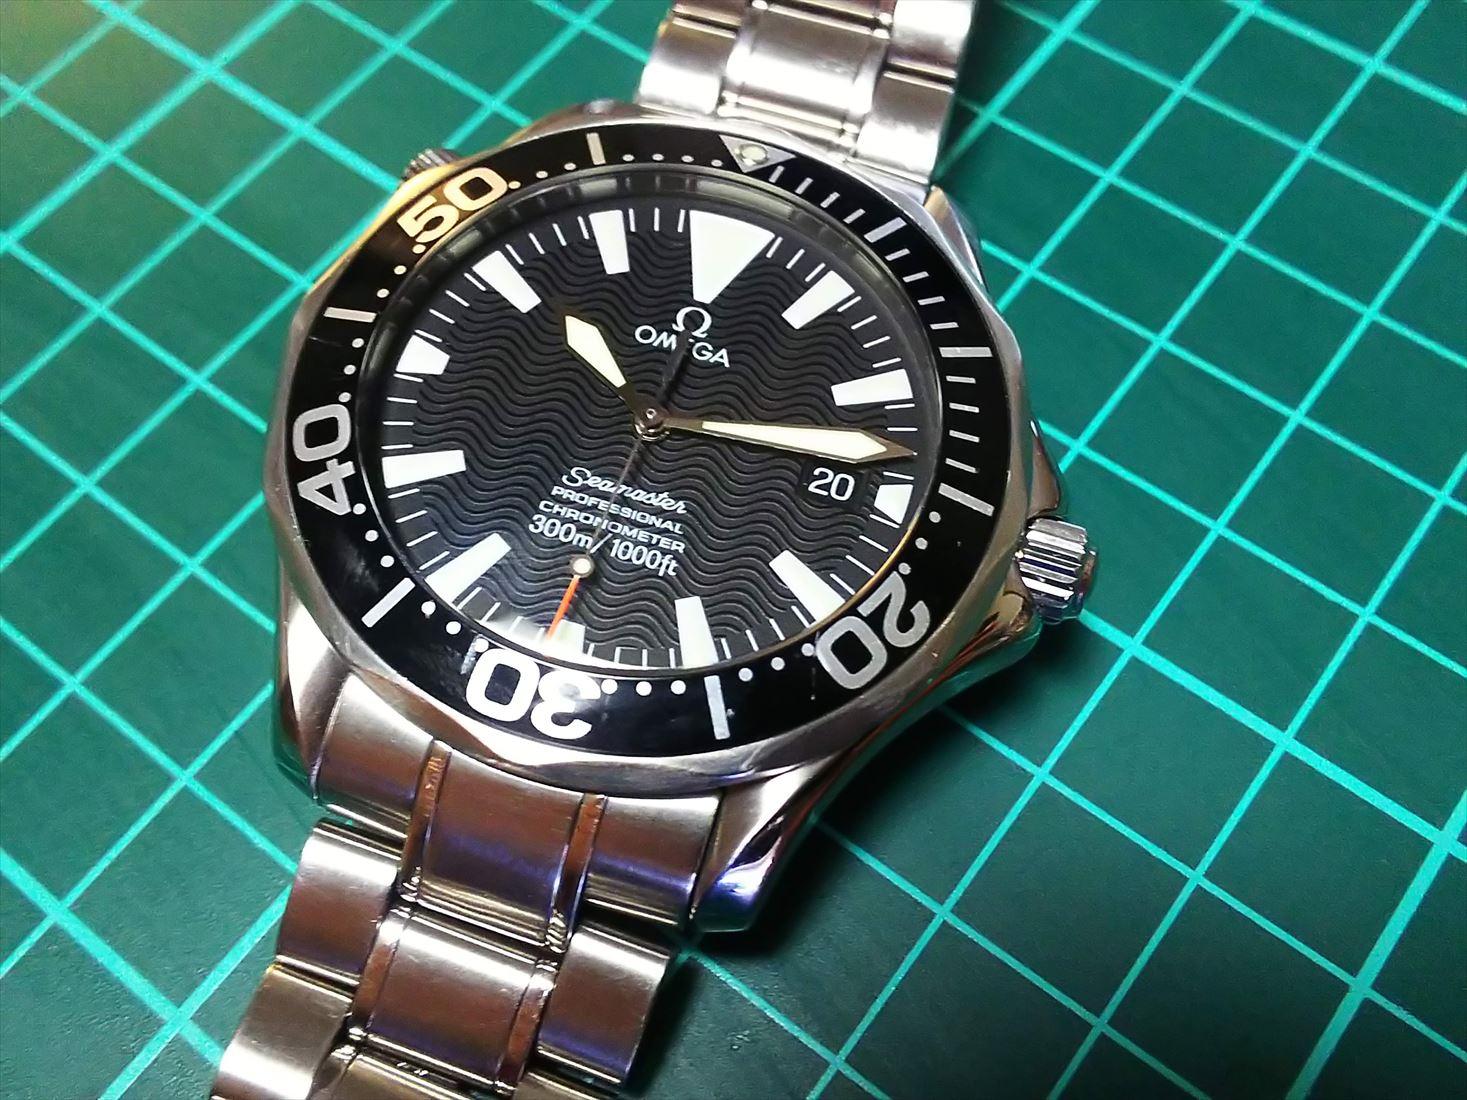 【オメガ】「なんぼや」にオーバーホールを頼んだ感想【腕時計】